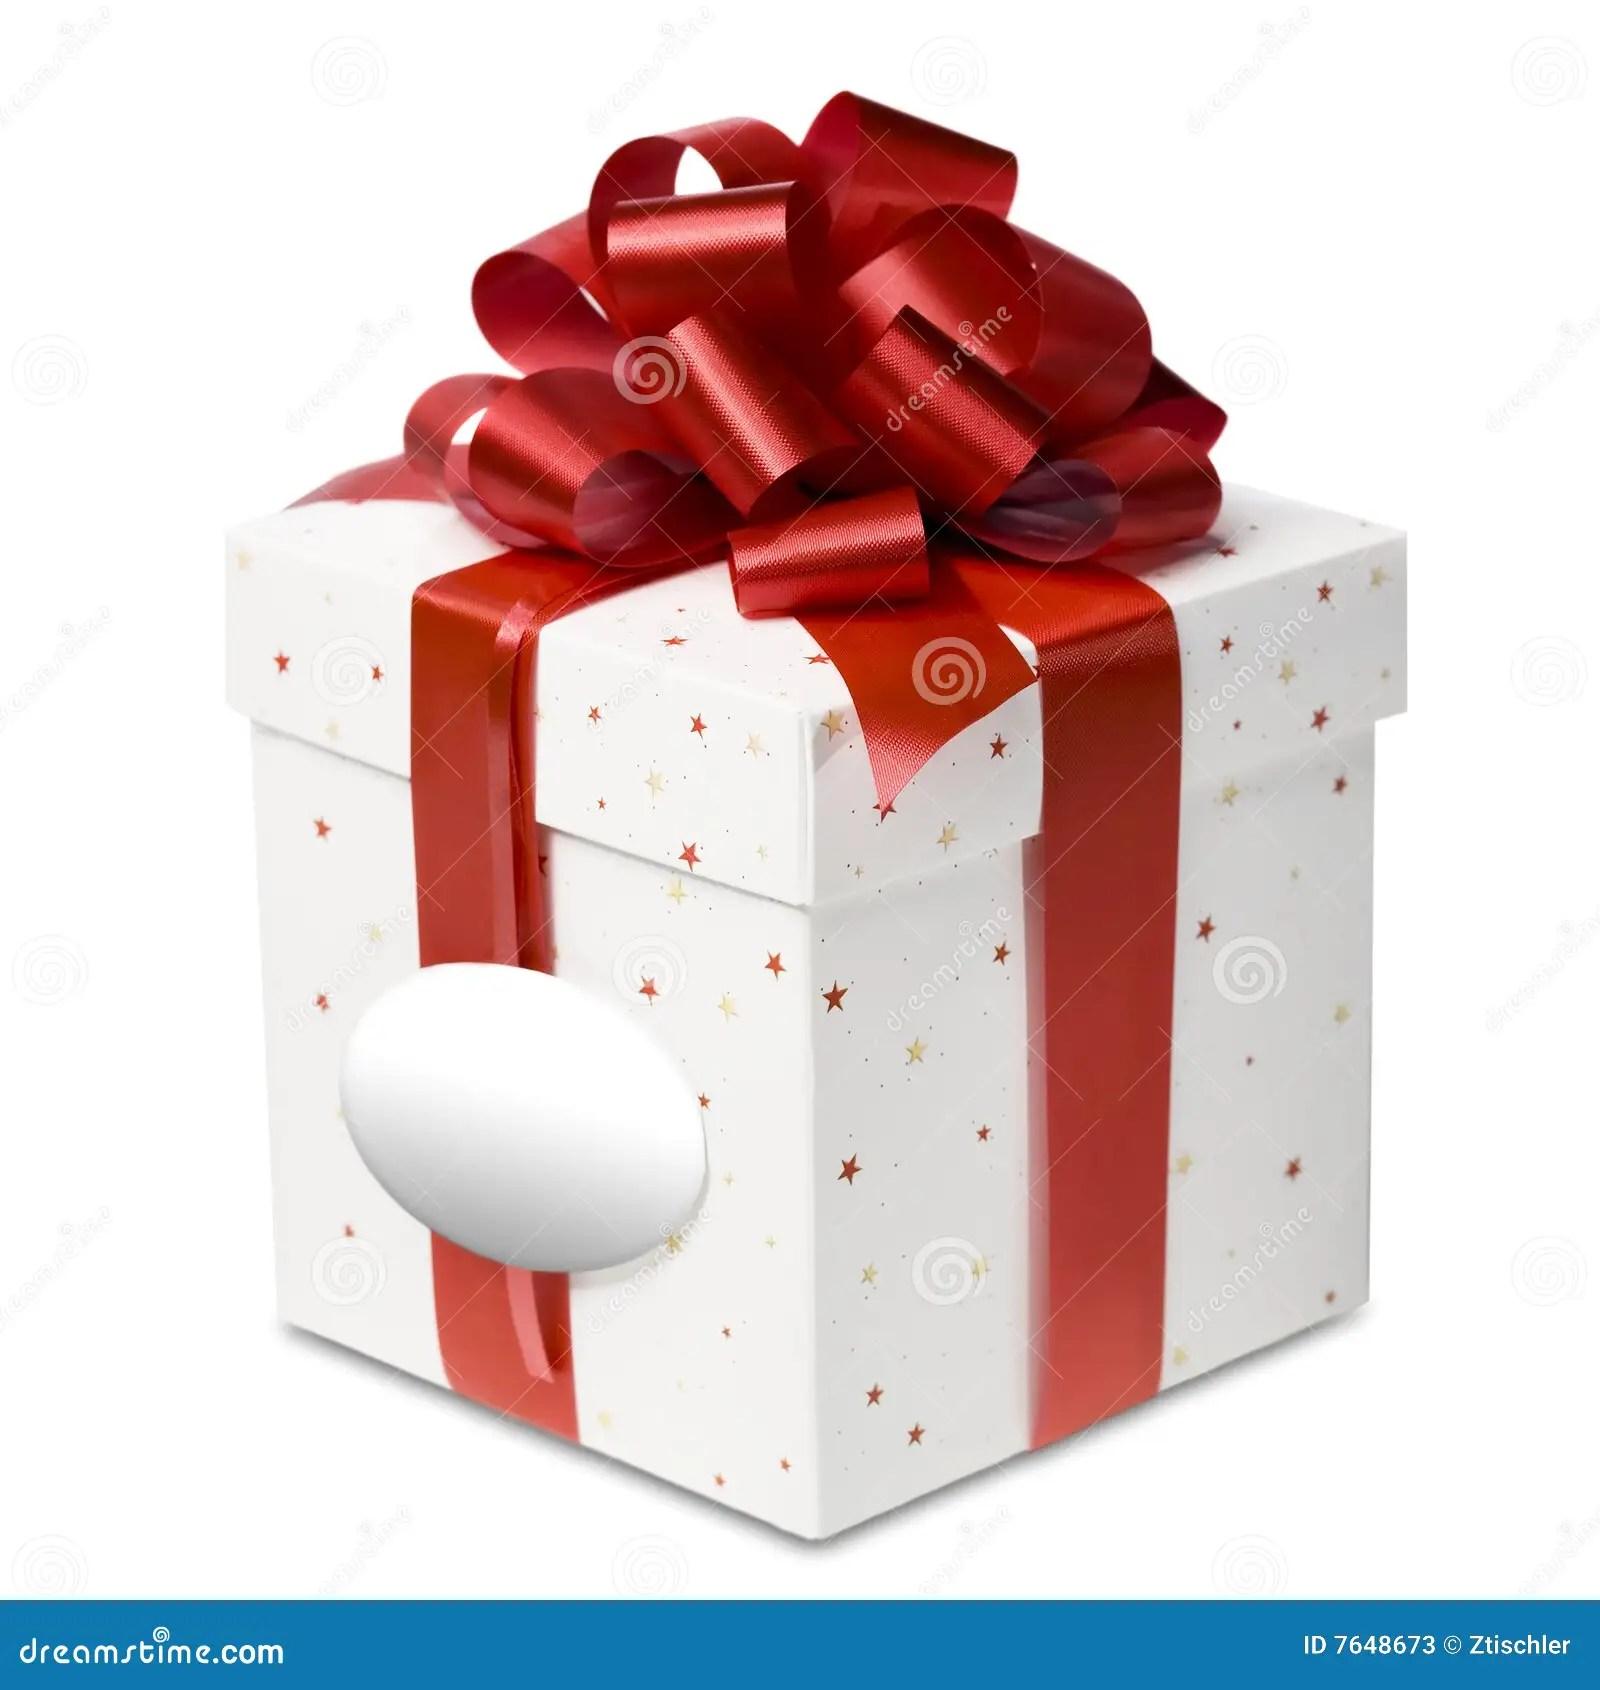 Birthday And Christmas Gift Box Stock Image Image Of